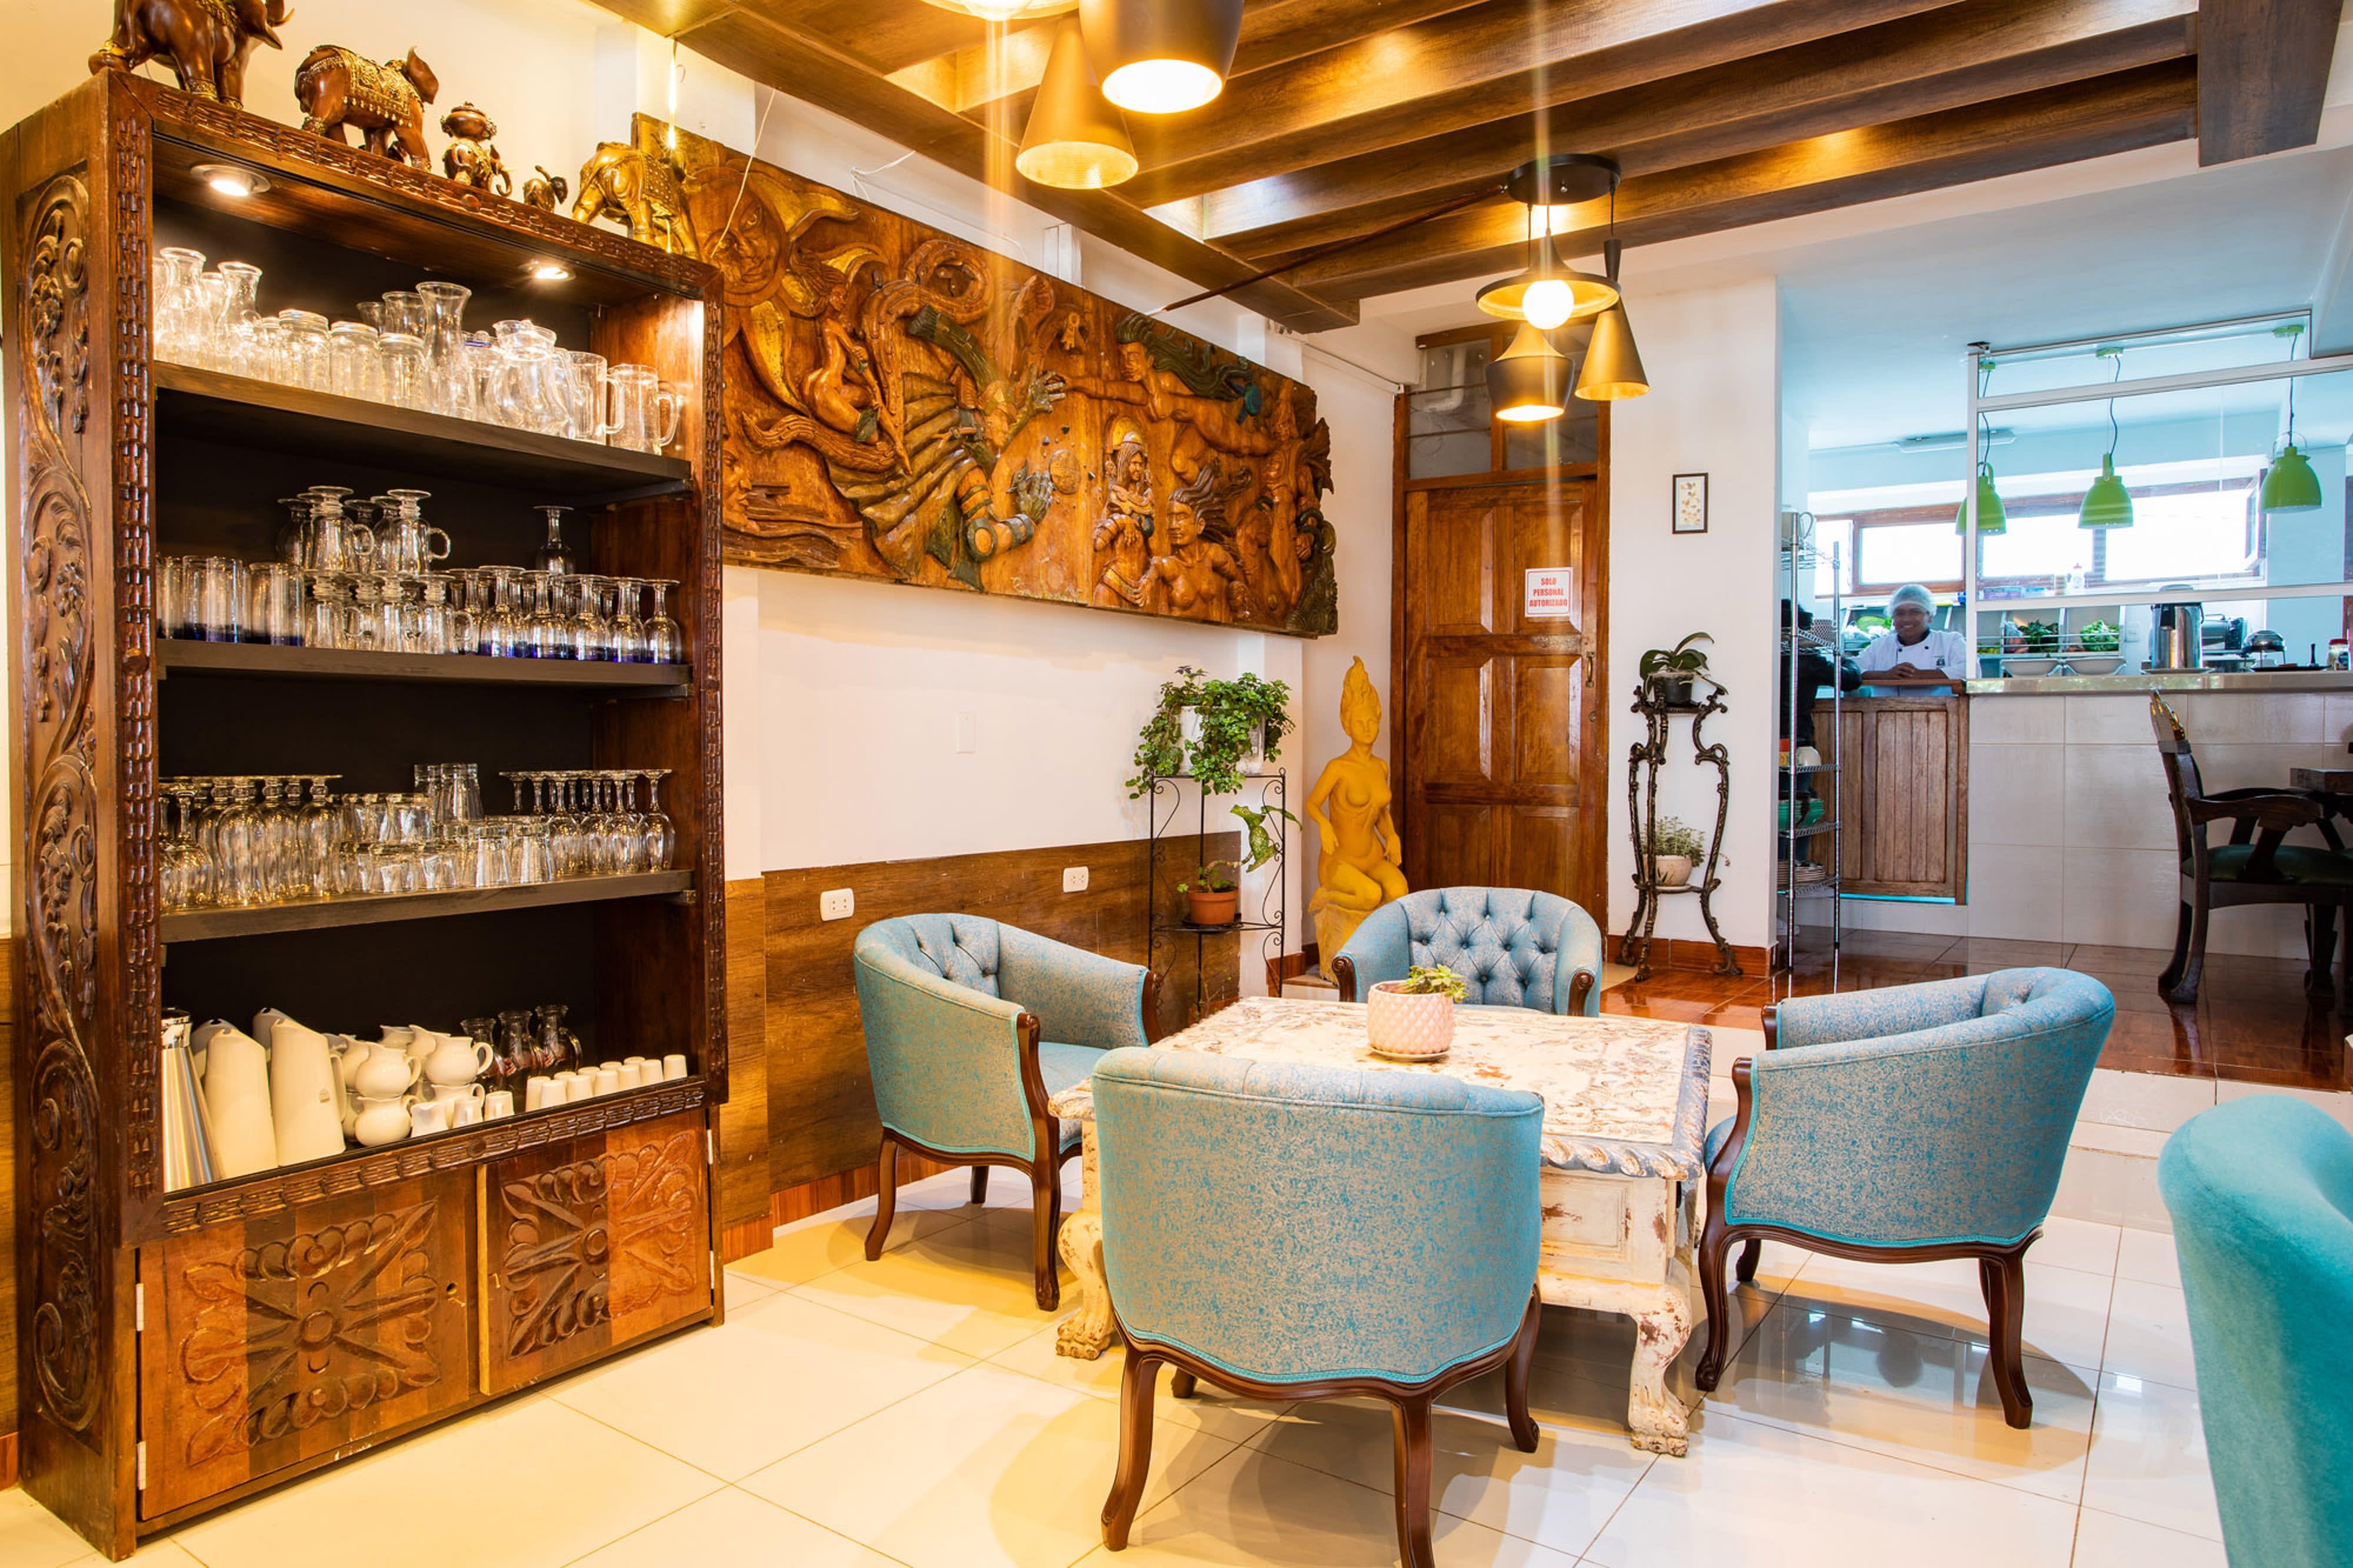 GUESTHOUSE - Hostal Ollantay Café-Restaurante